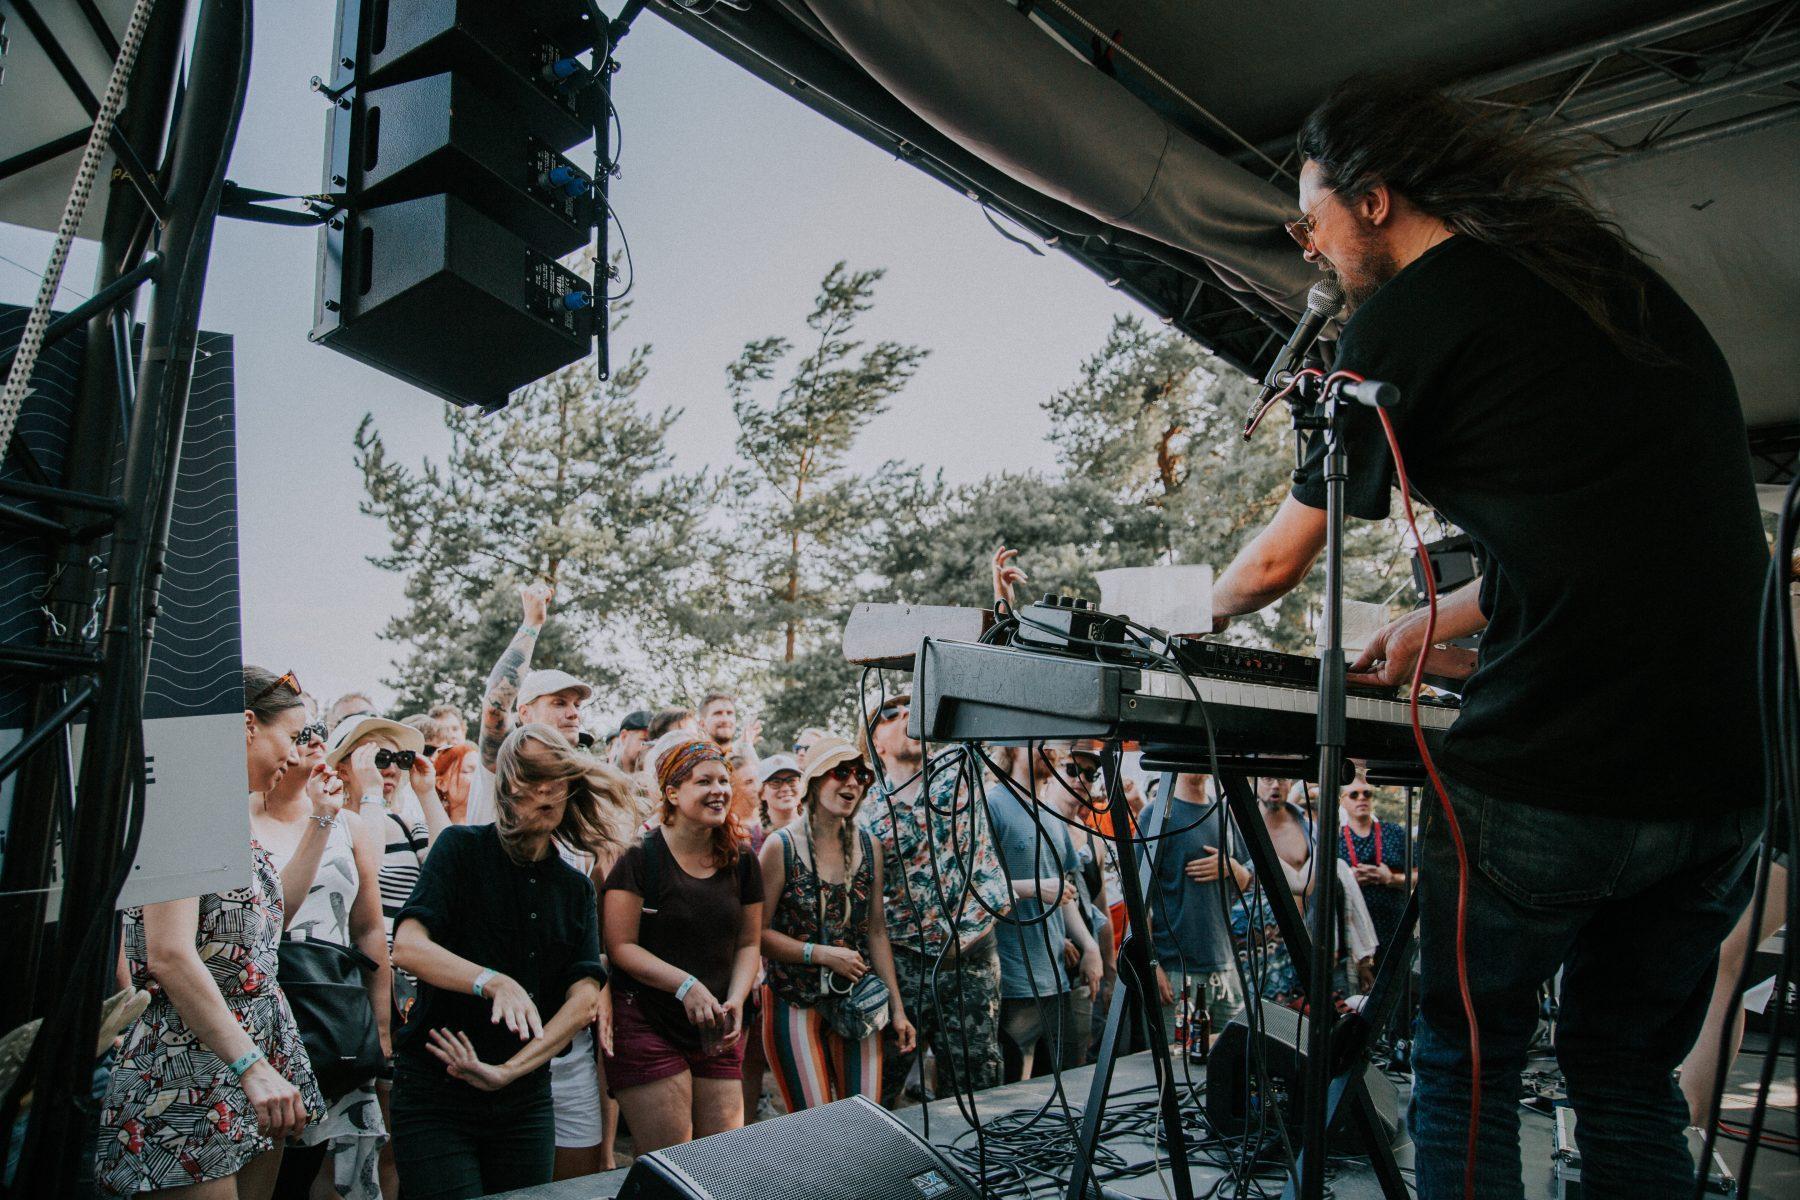 En manligt artist står på scenen och spelar synt. Det långa svarta håret fladdrar och publiken dansar för fullt.